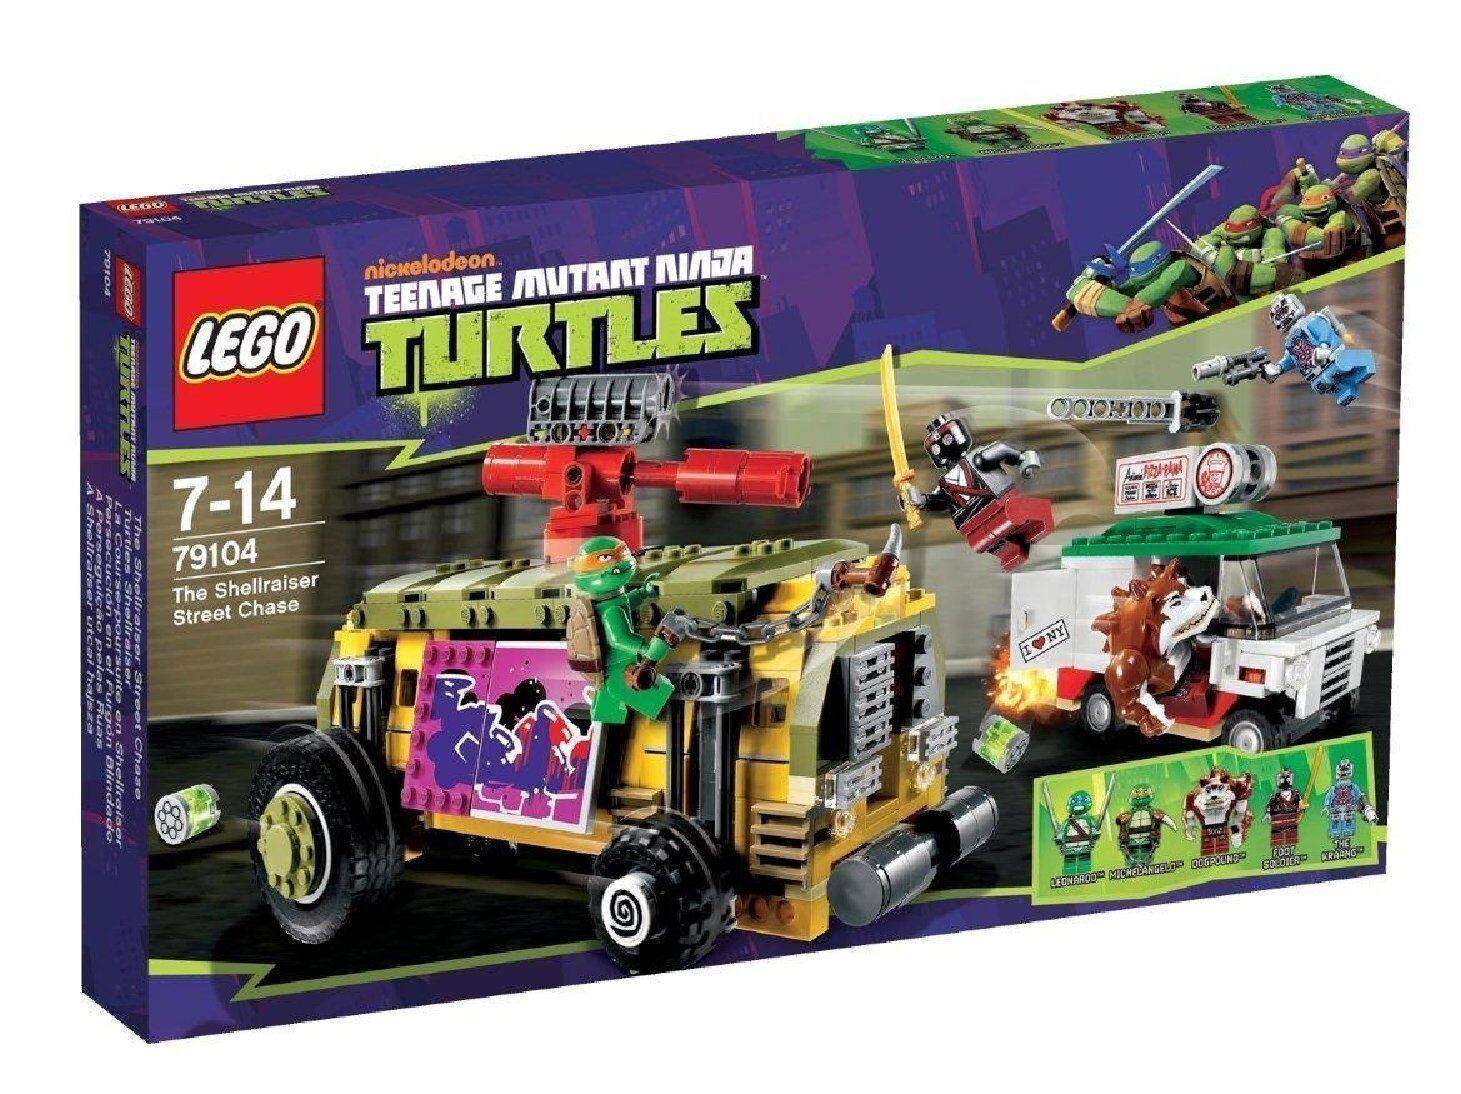 LEGO® Teenage Mutant Ninja Turtles™ 79104 Turtles Shellraiser NEU OVP (B-Ware)